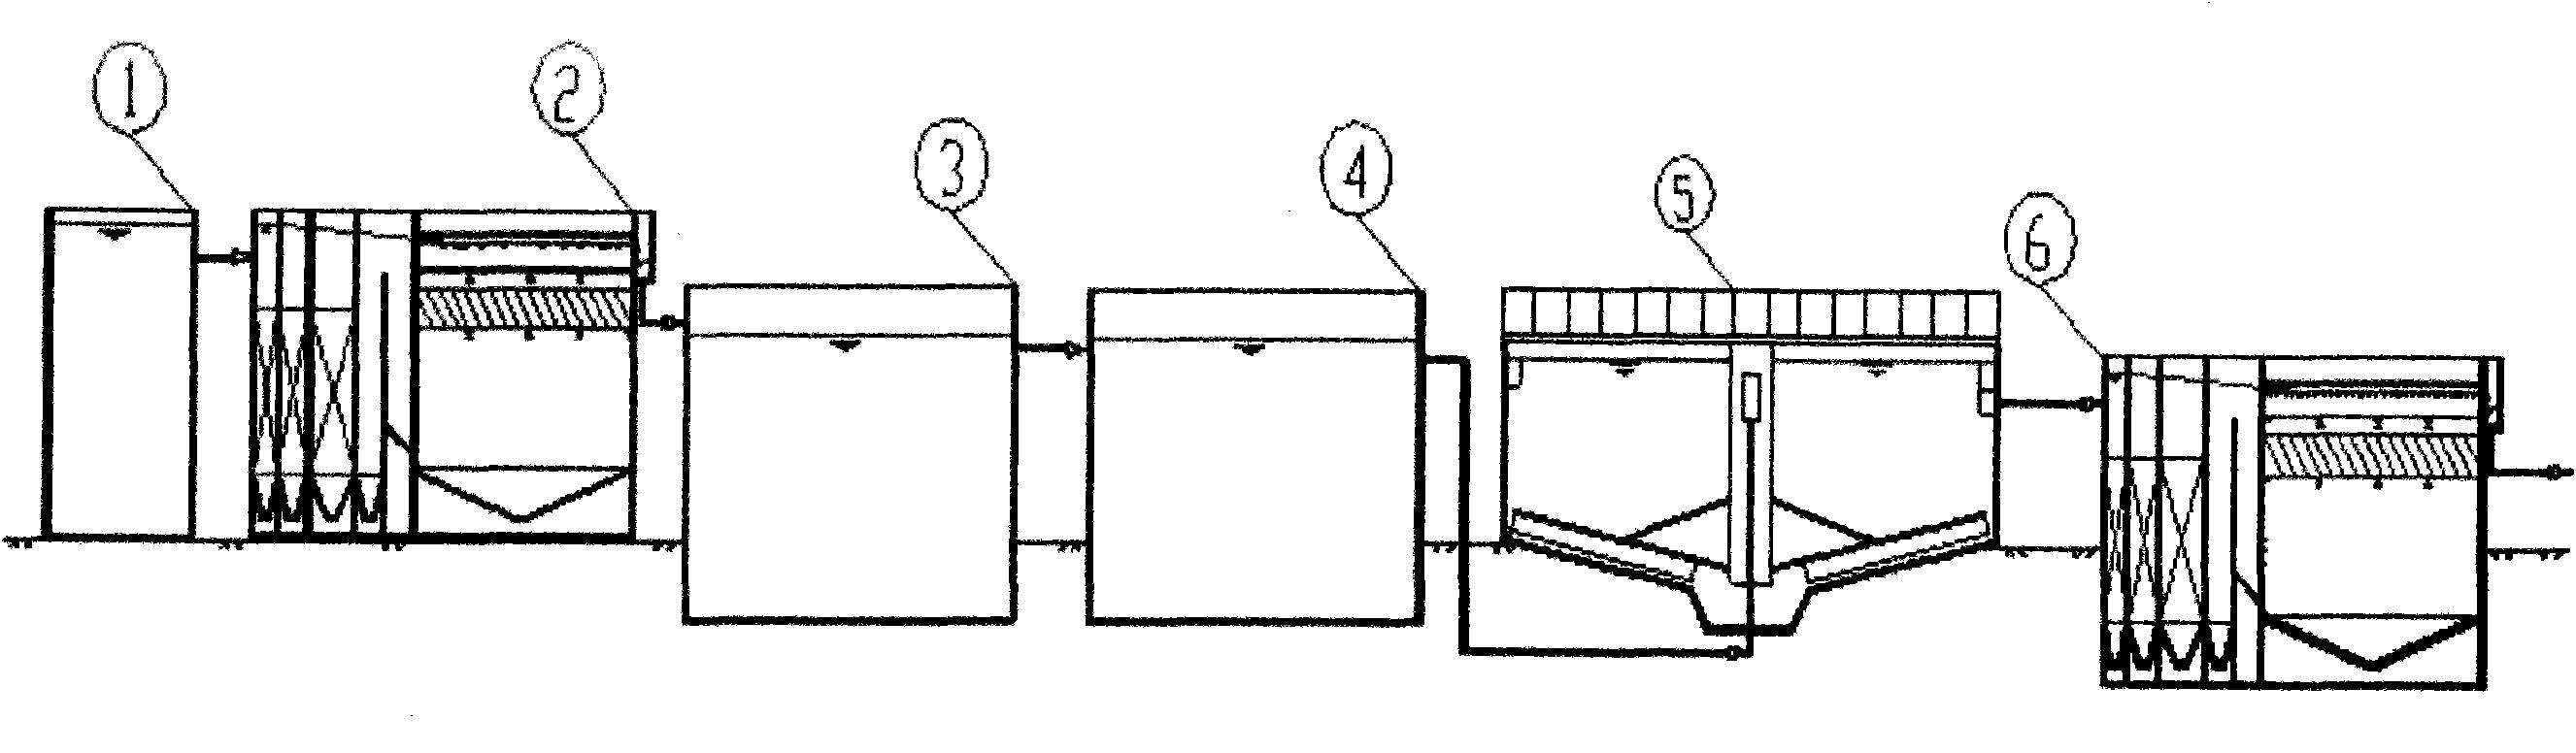 环氧氯丙烷废水与造纸废水混合处理装置